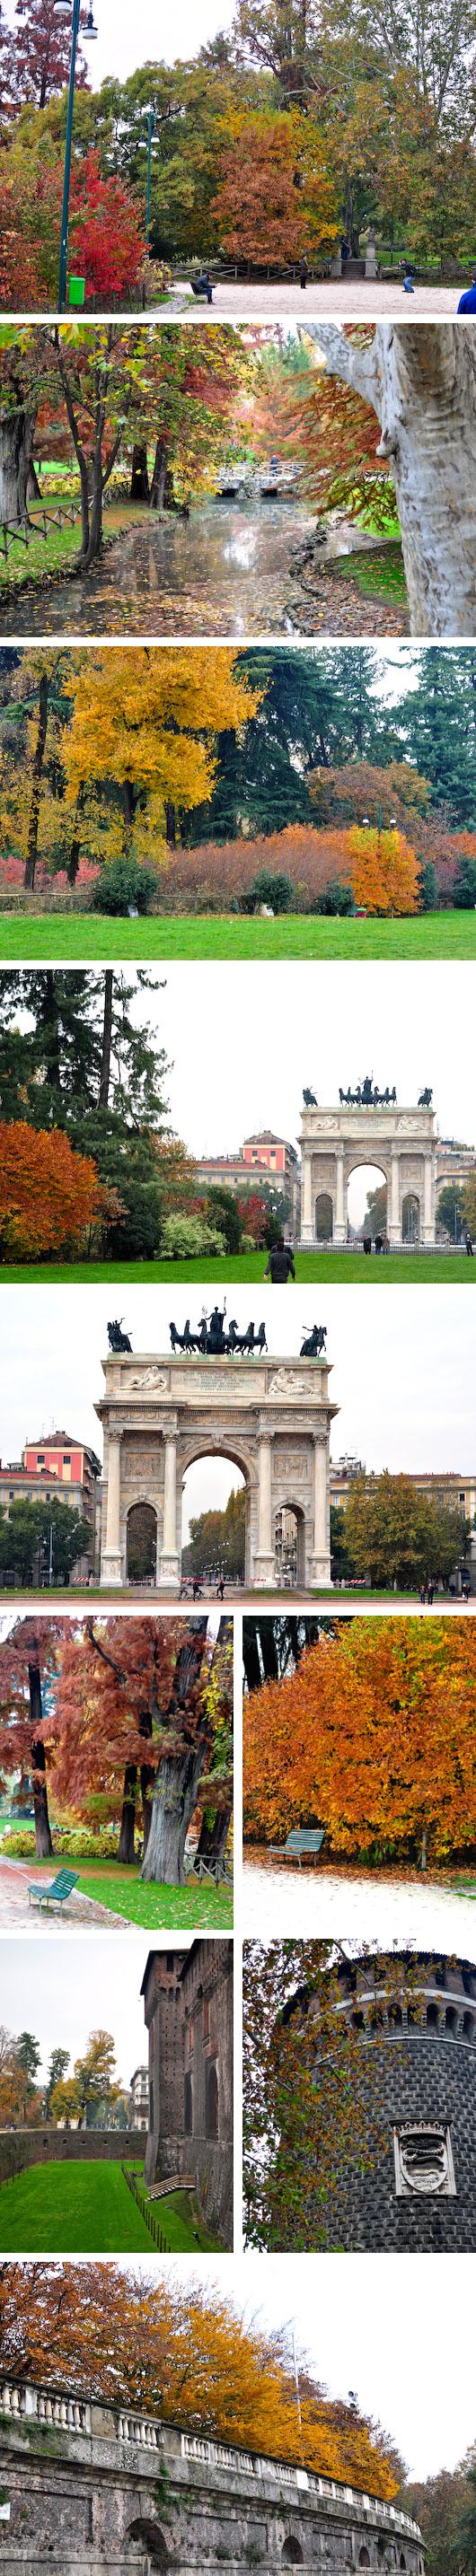 Milan 11.5.2010_Parco Sempione